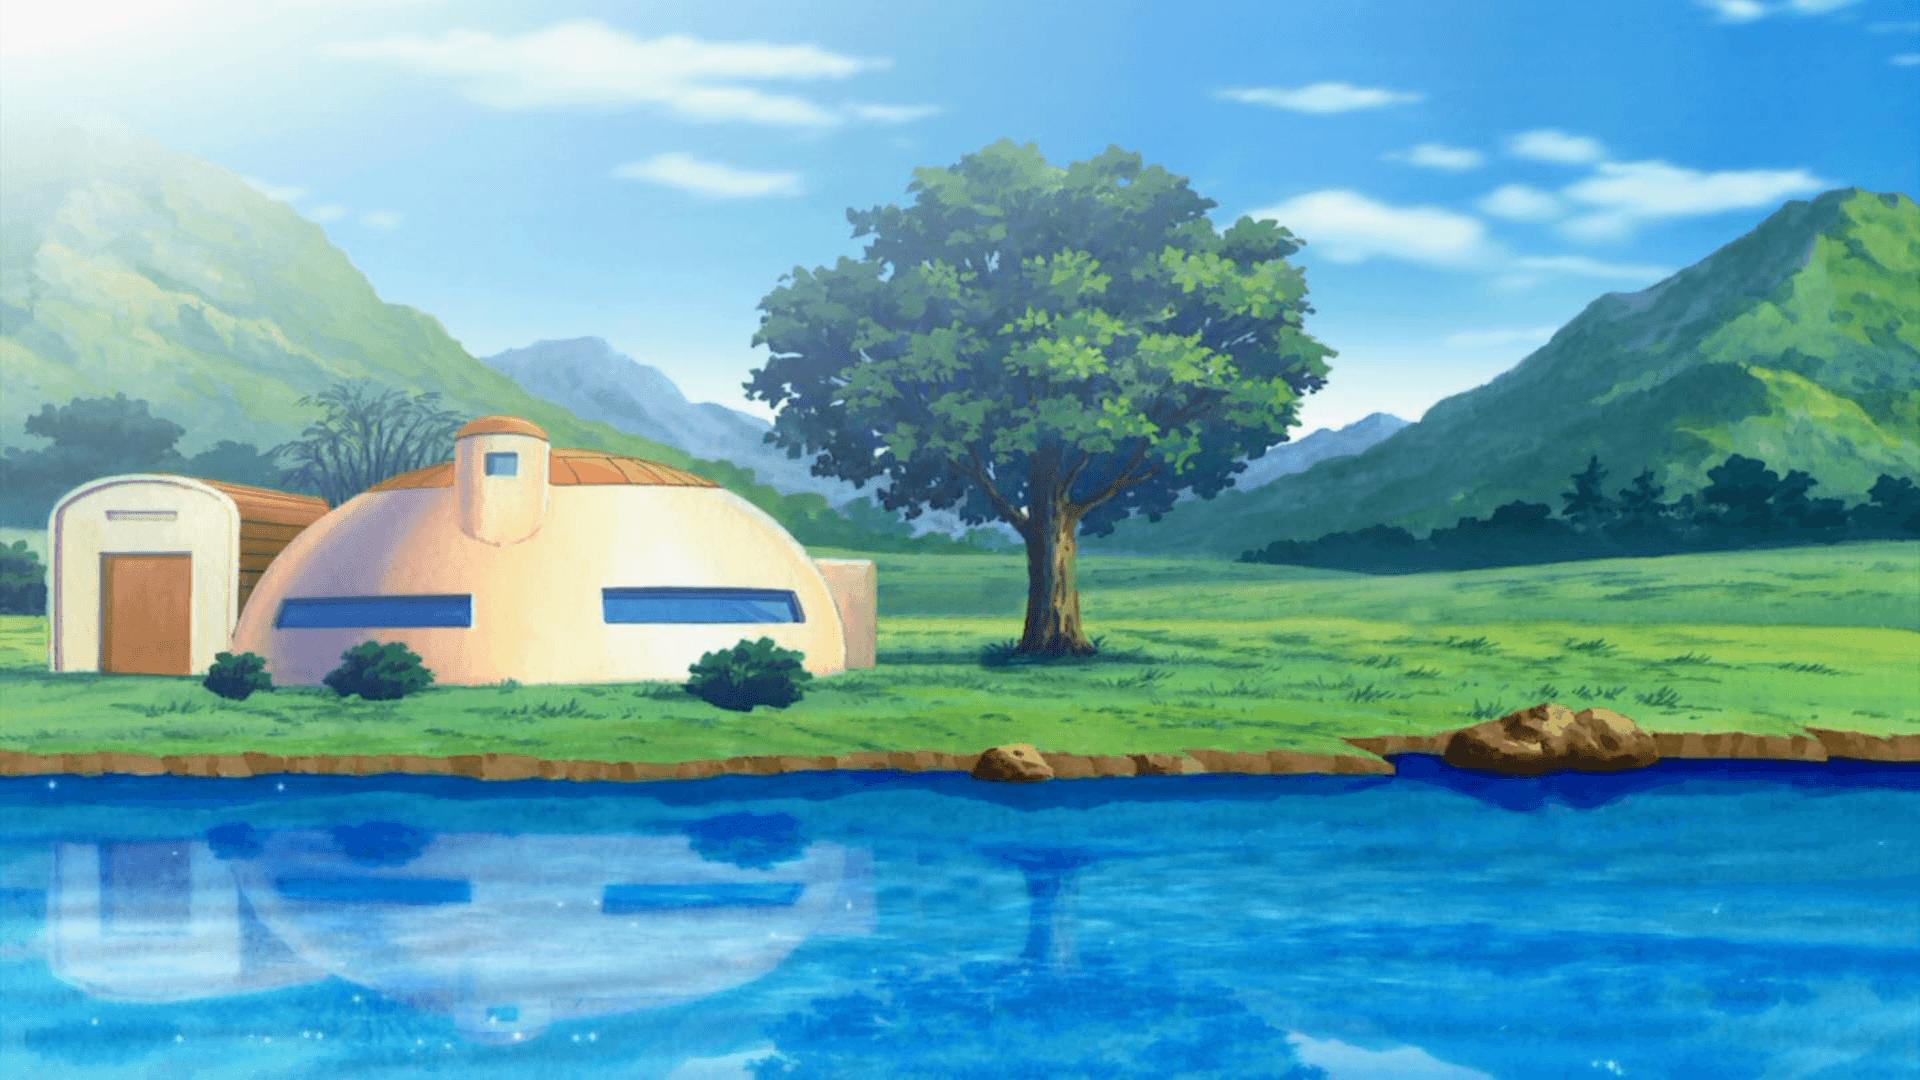 Dragon Ball Z Scenery Wallpapers Top Free Dragon Ball Z